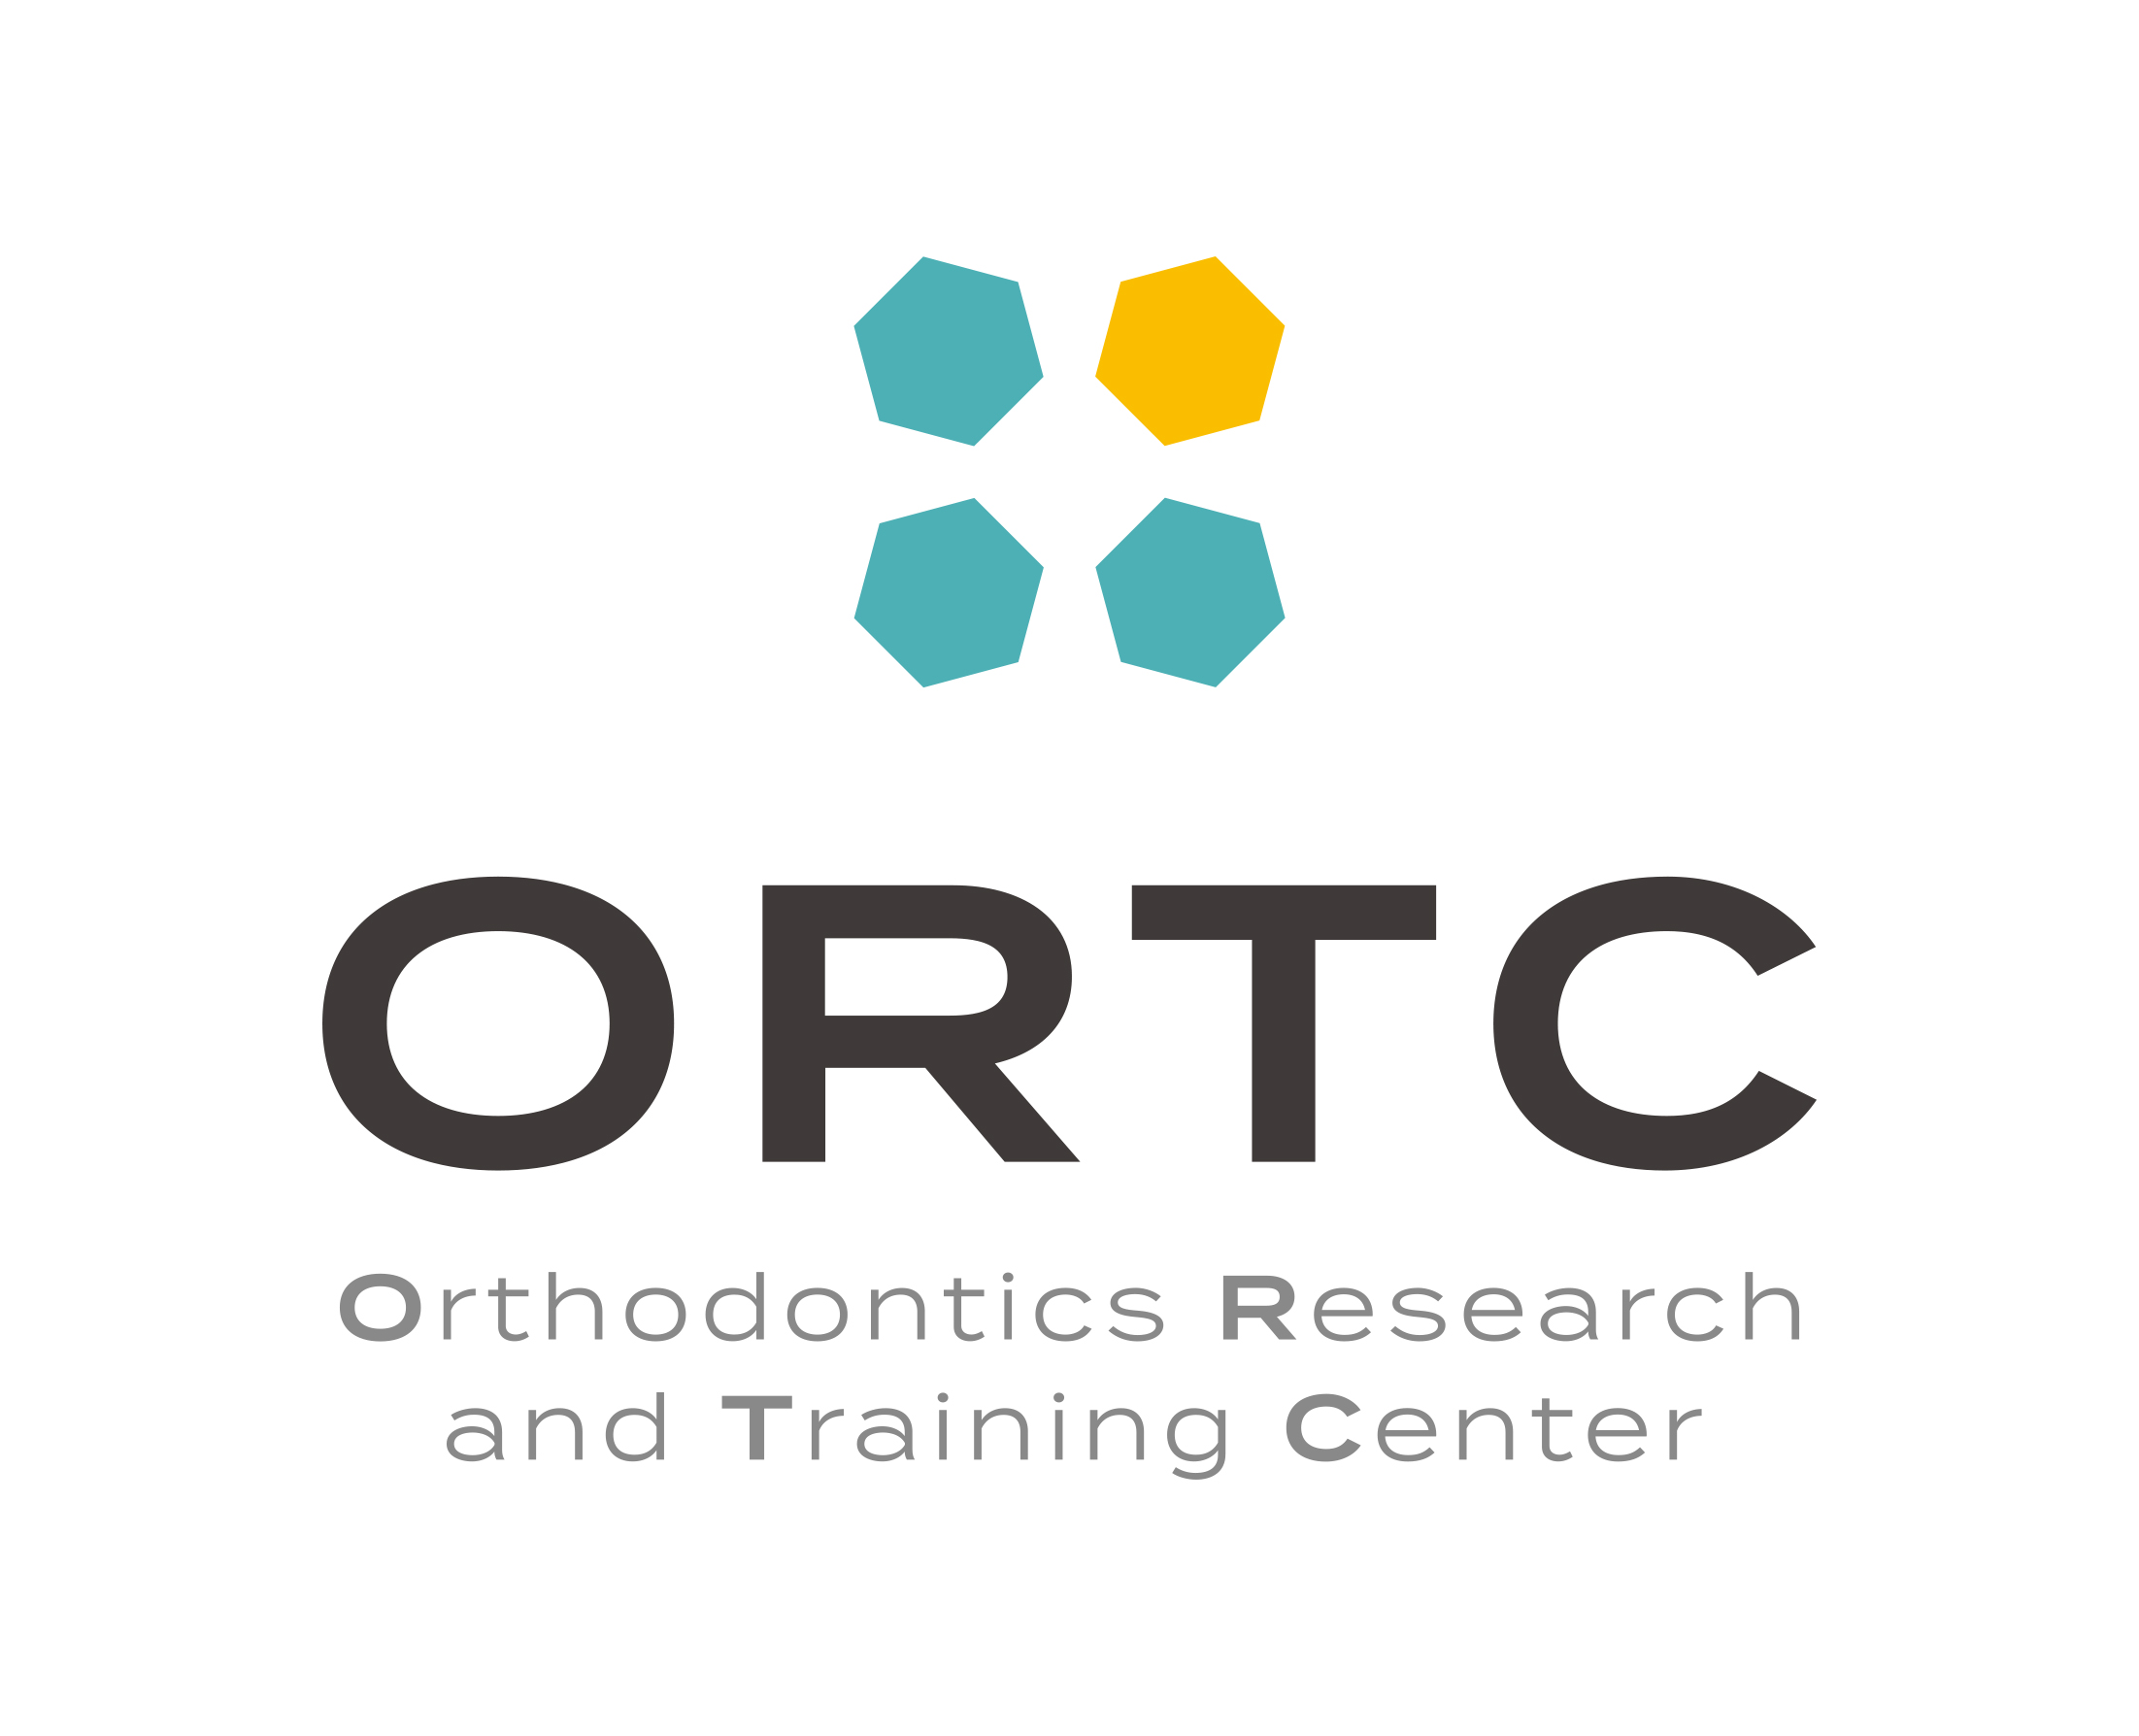 ORTC歯科矯正総合研究所:株式会社ウティルの画像です